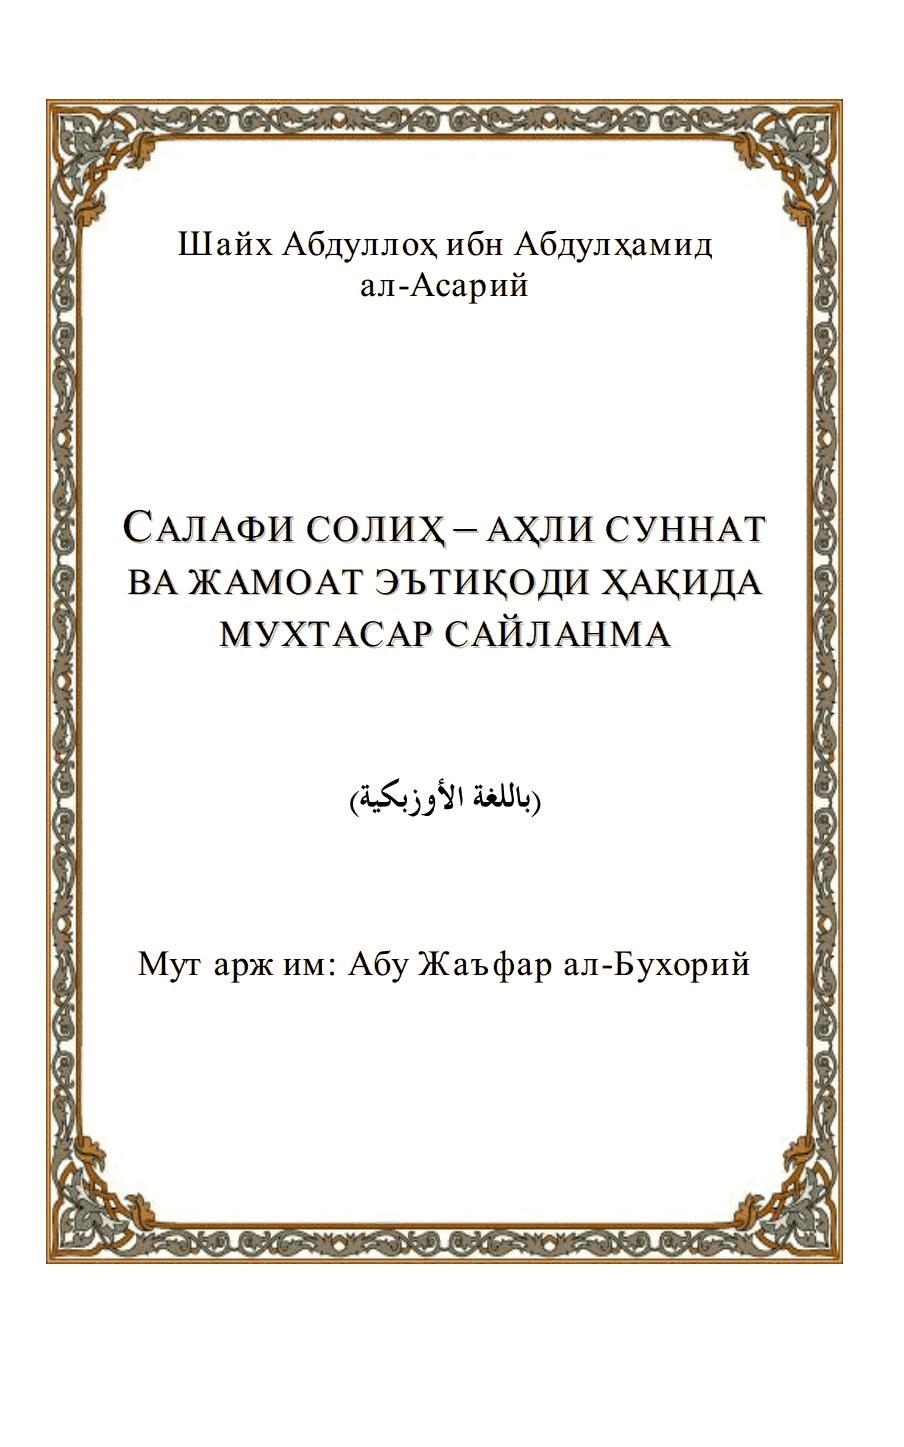 Салафи солиҳ эътиқоди ҳақида мухтасар сайланма